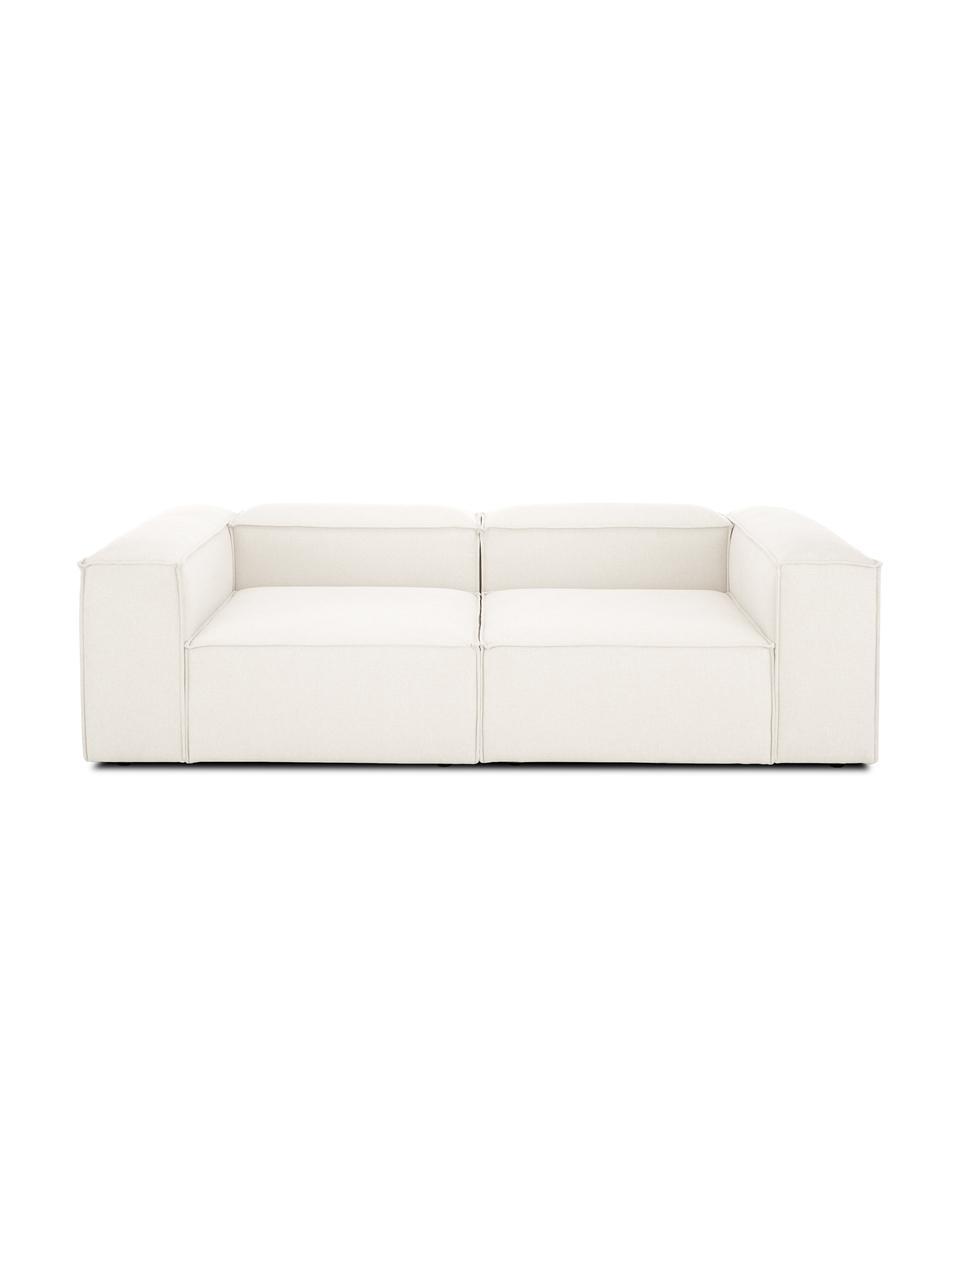 Canapé 3places modulable beige Lennon, Tissu beige